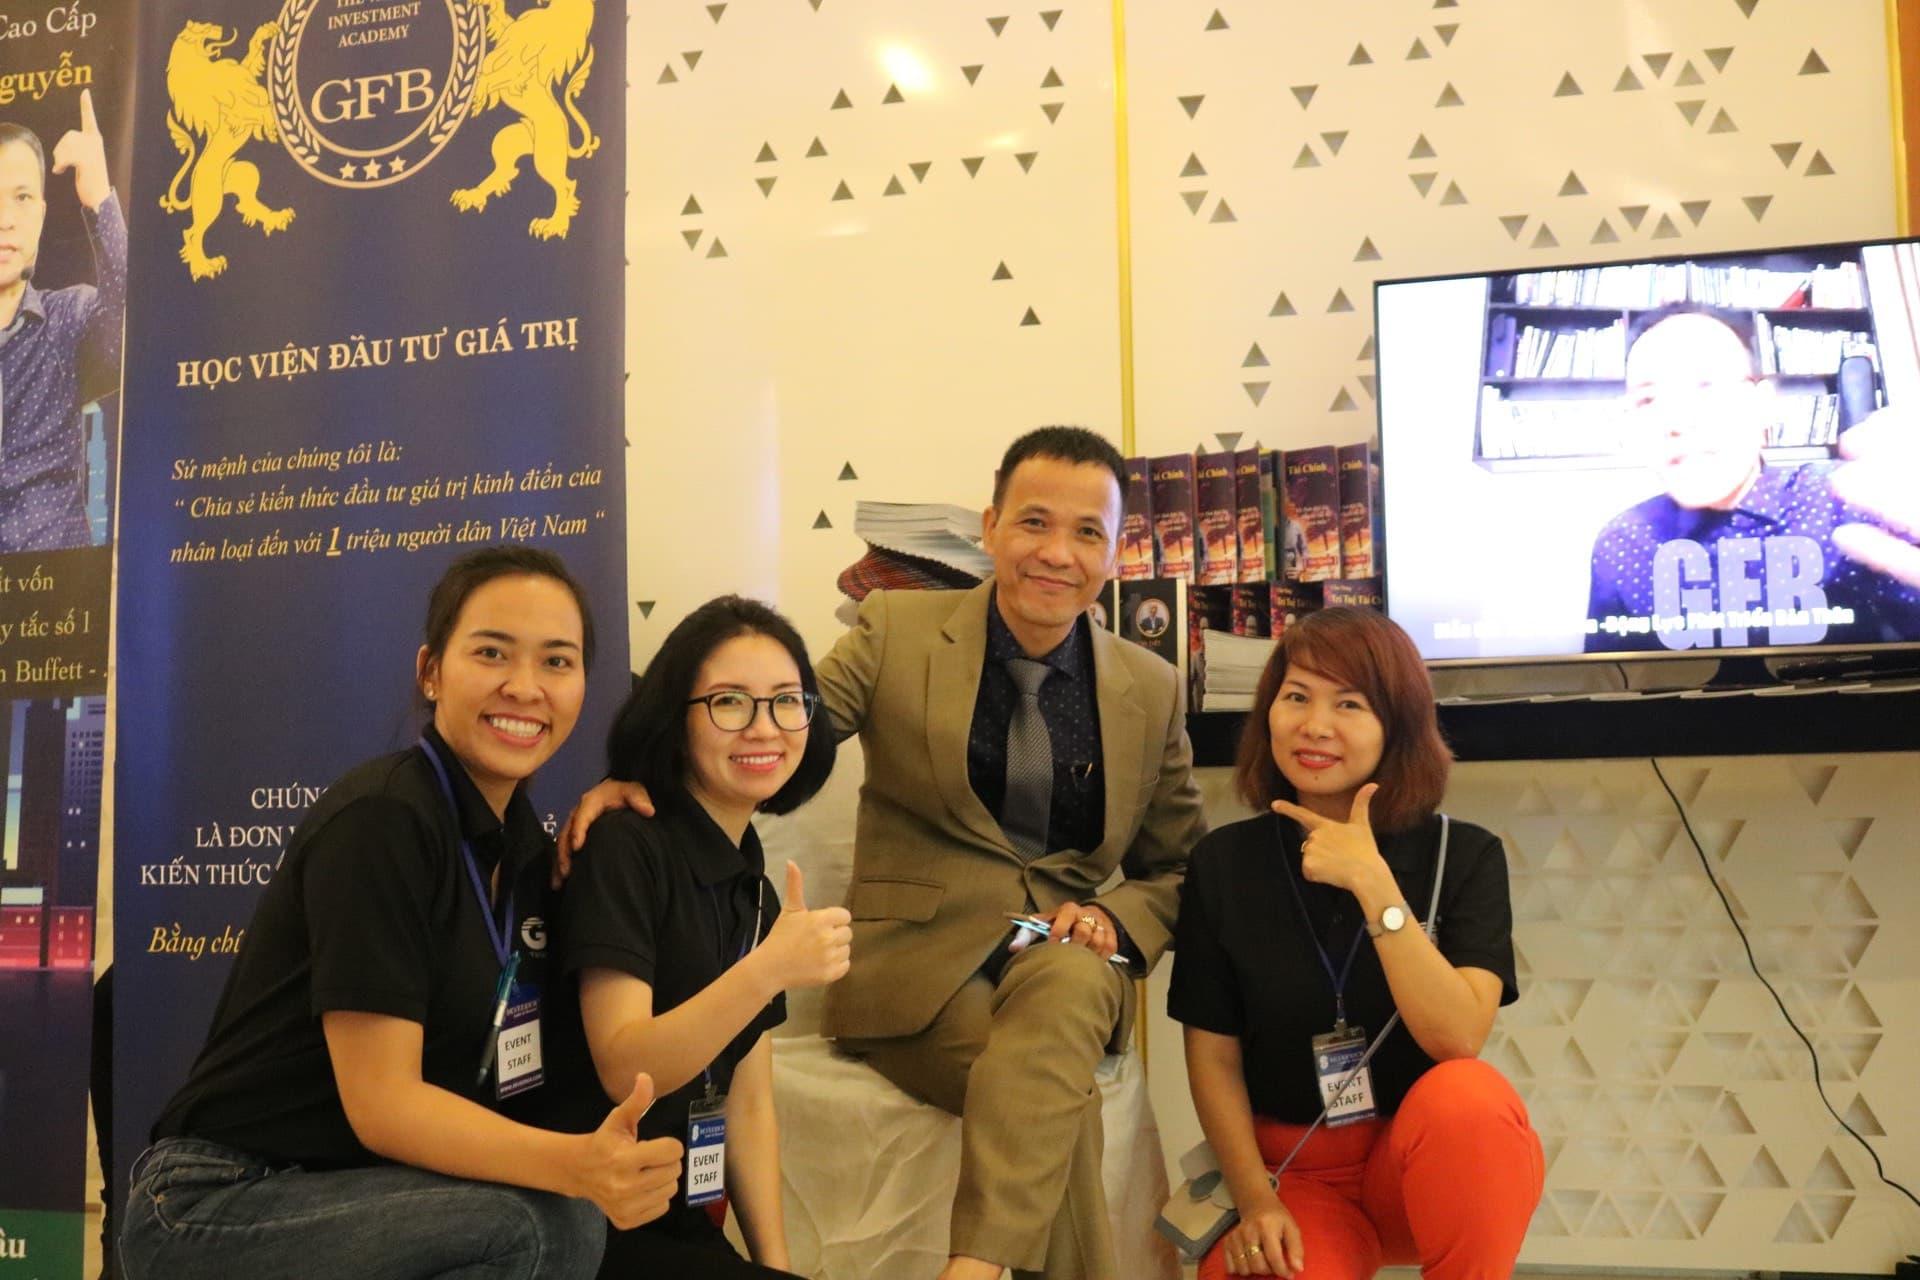 DG Tần Nguyễn chụp ảnh lưu niệm cùng Ban Tổ Chức hội nghi đầu tư CEO 2020